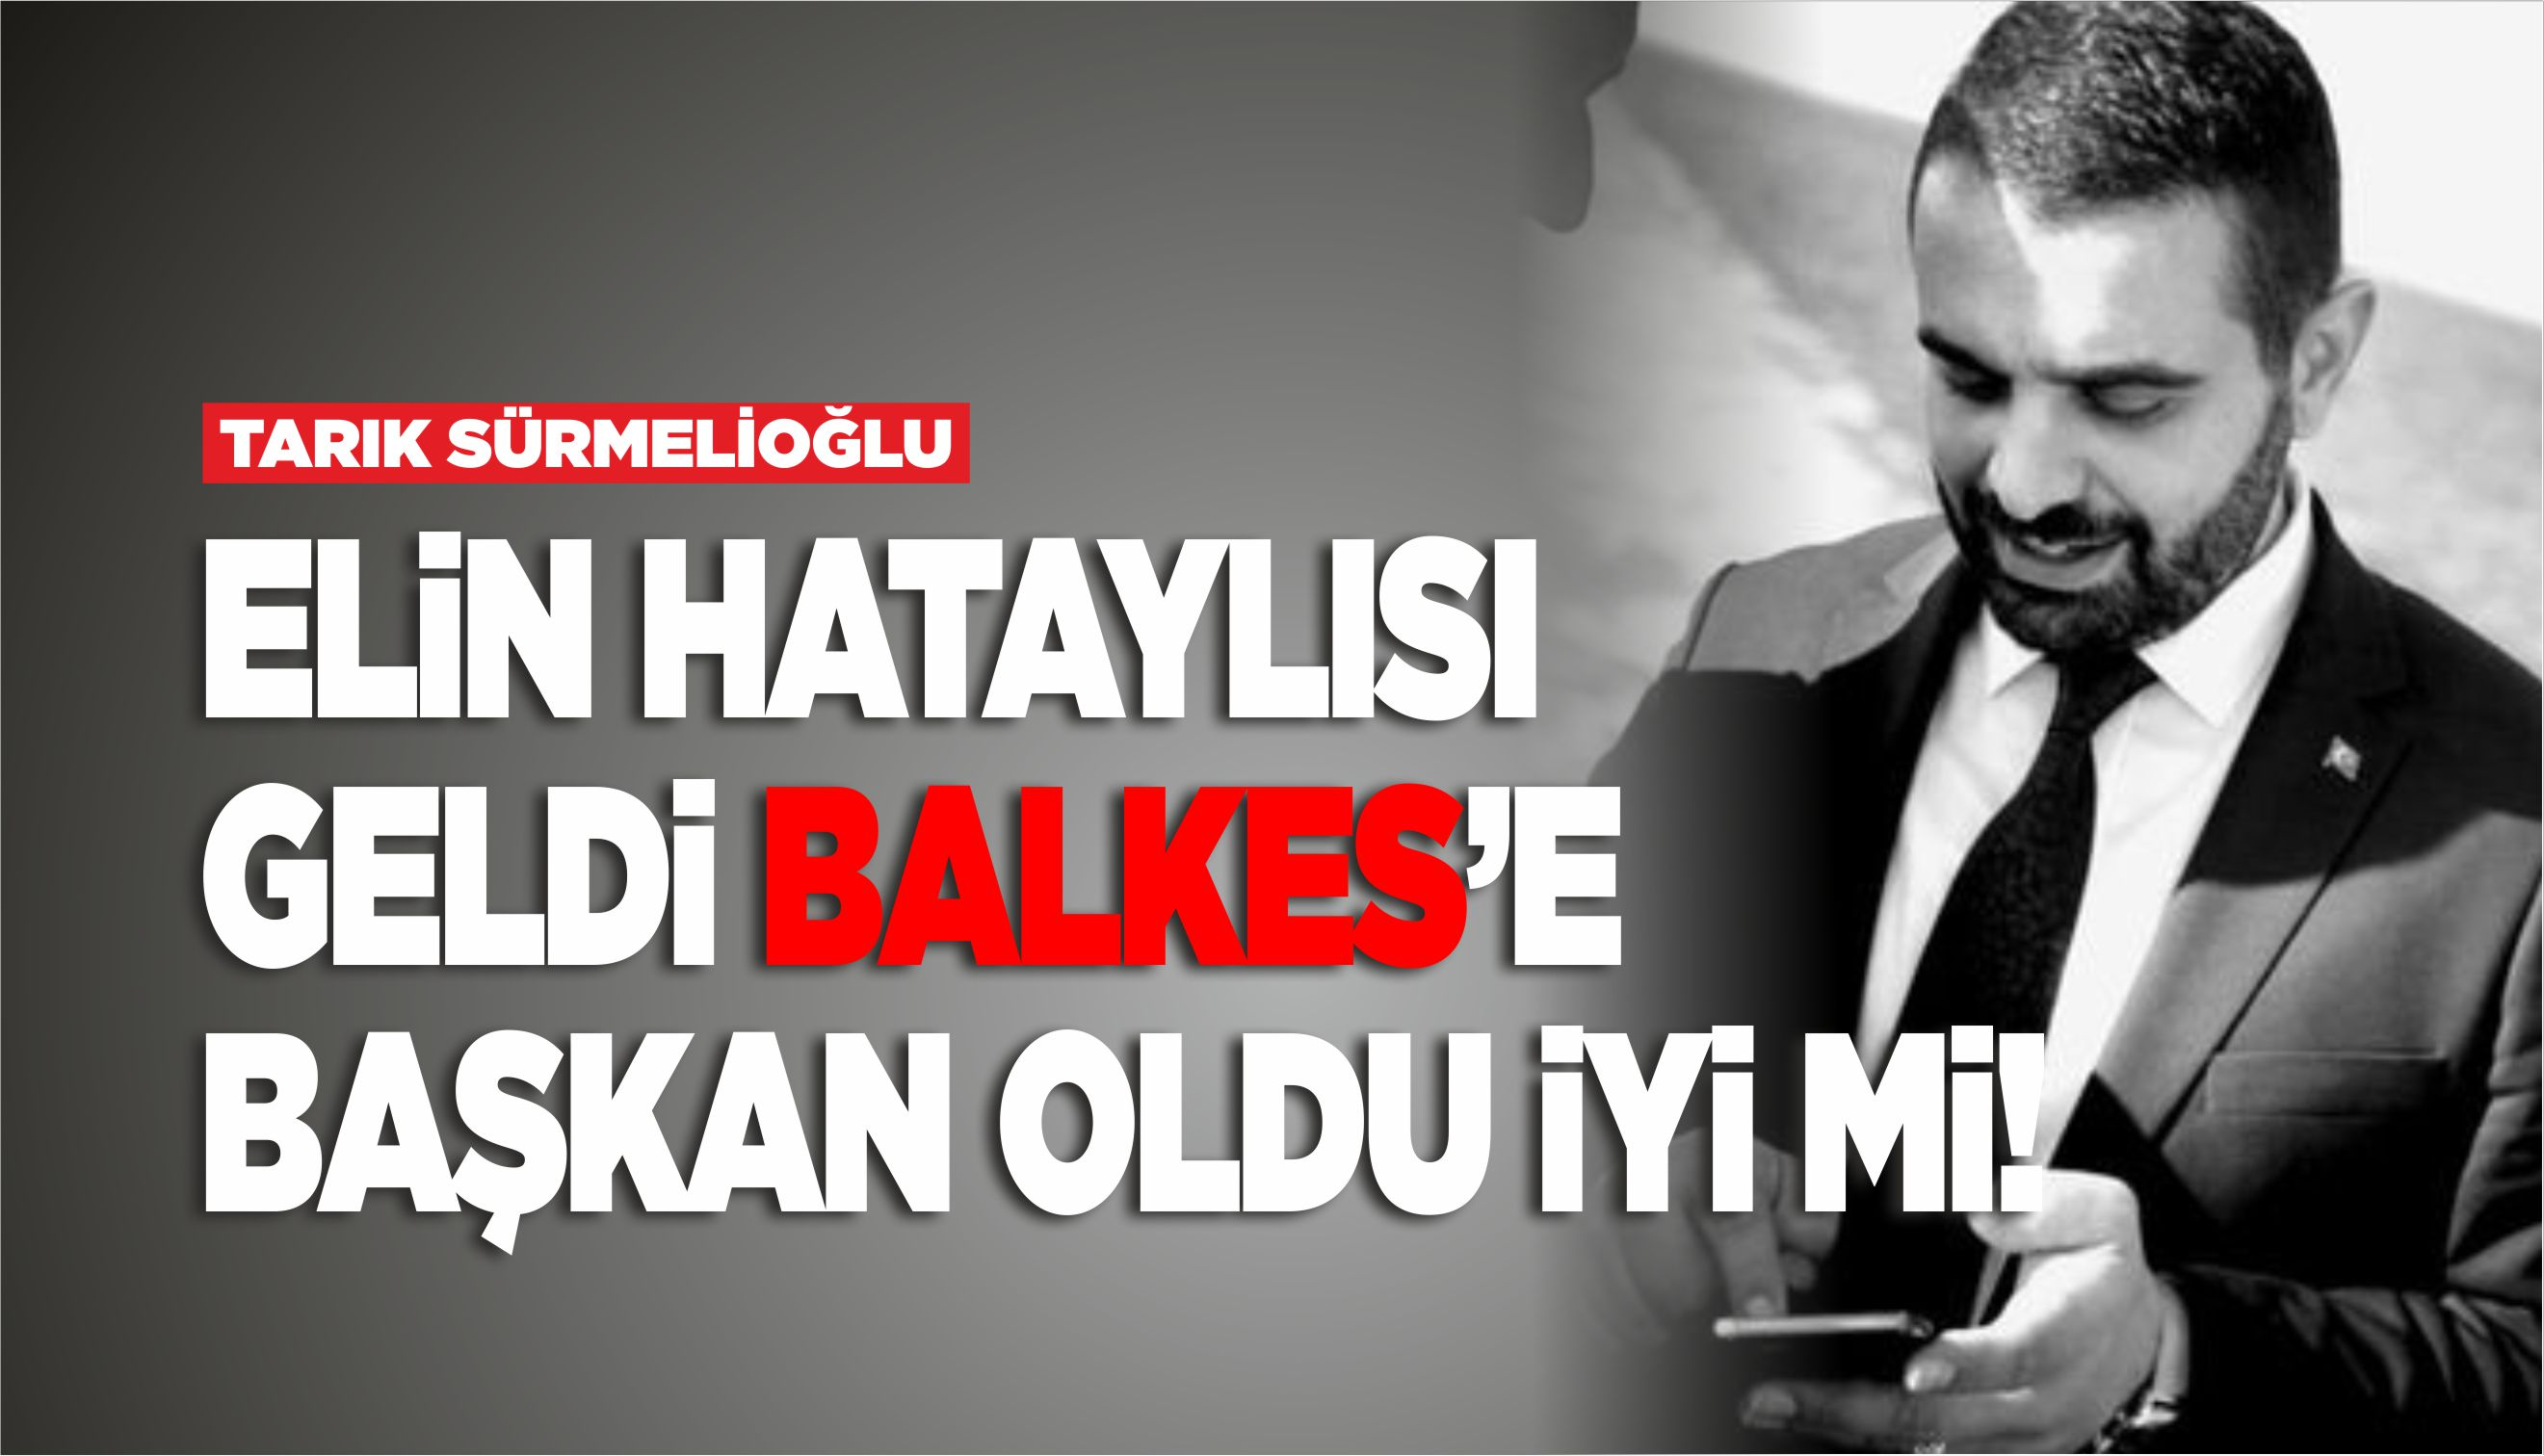 ELİN HATAYLISI GELDİ BALKES'E BAŞKAN OLDU İYİ Mİ!